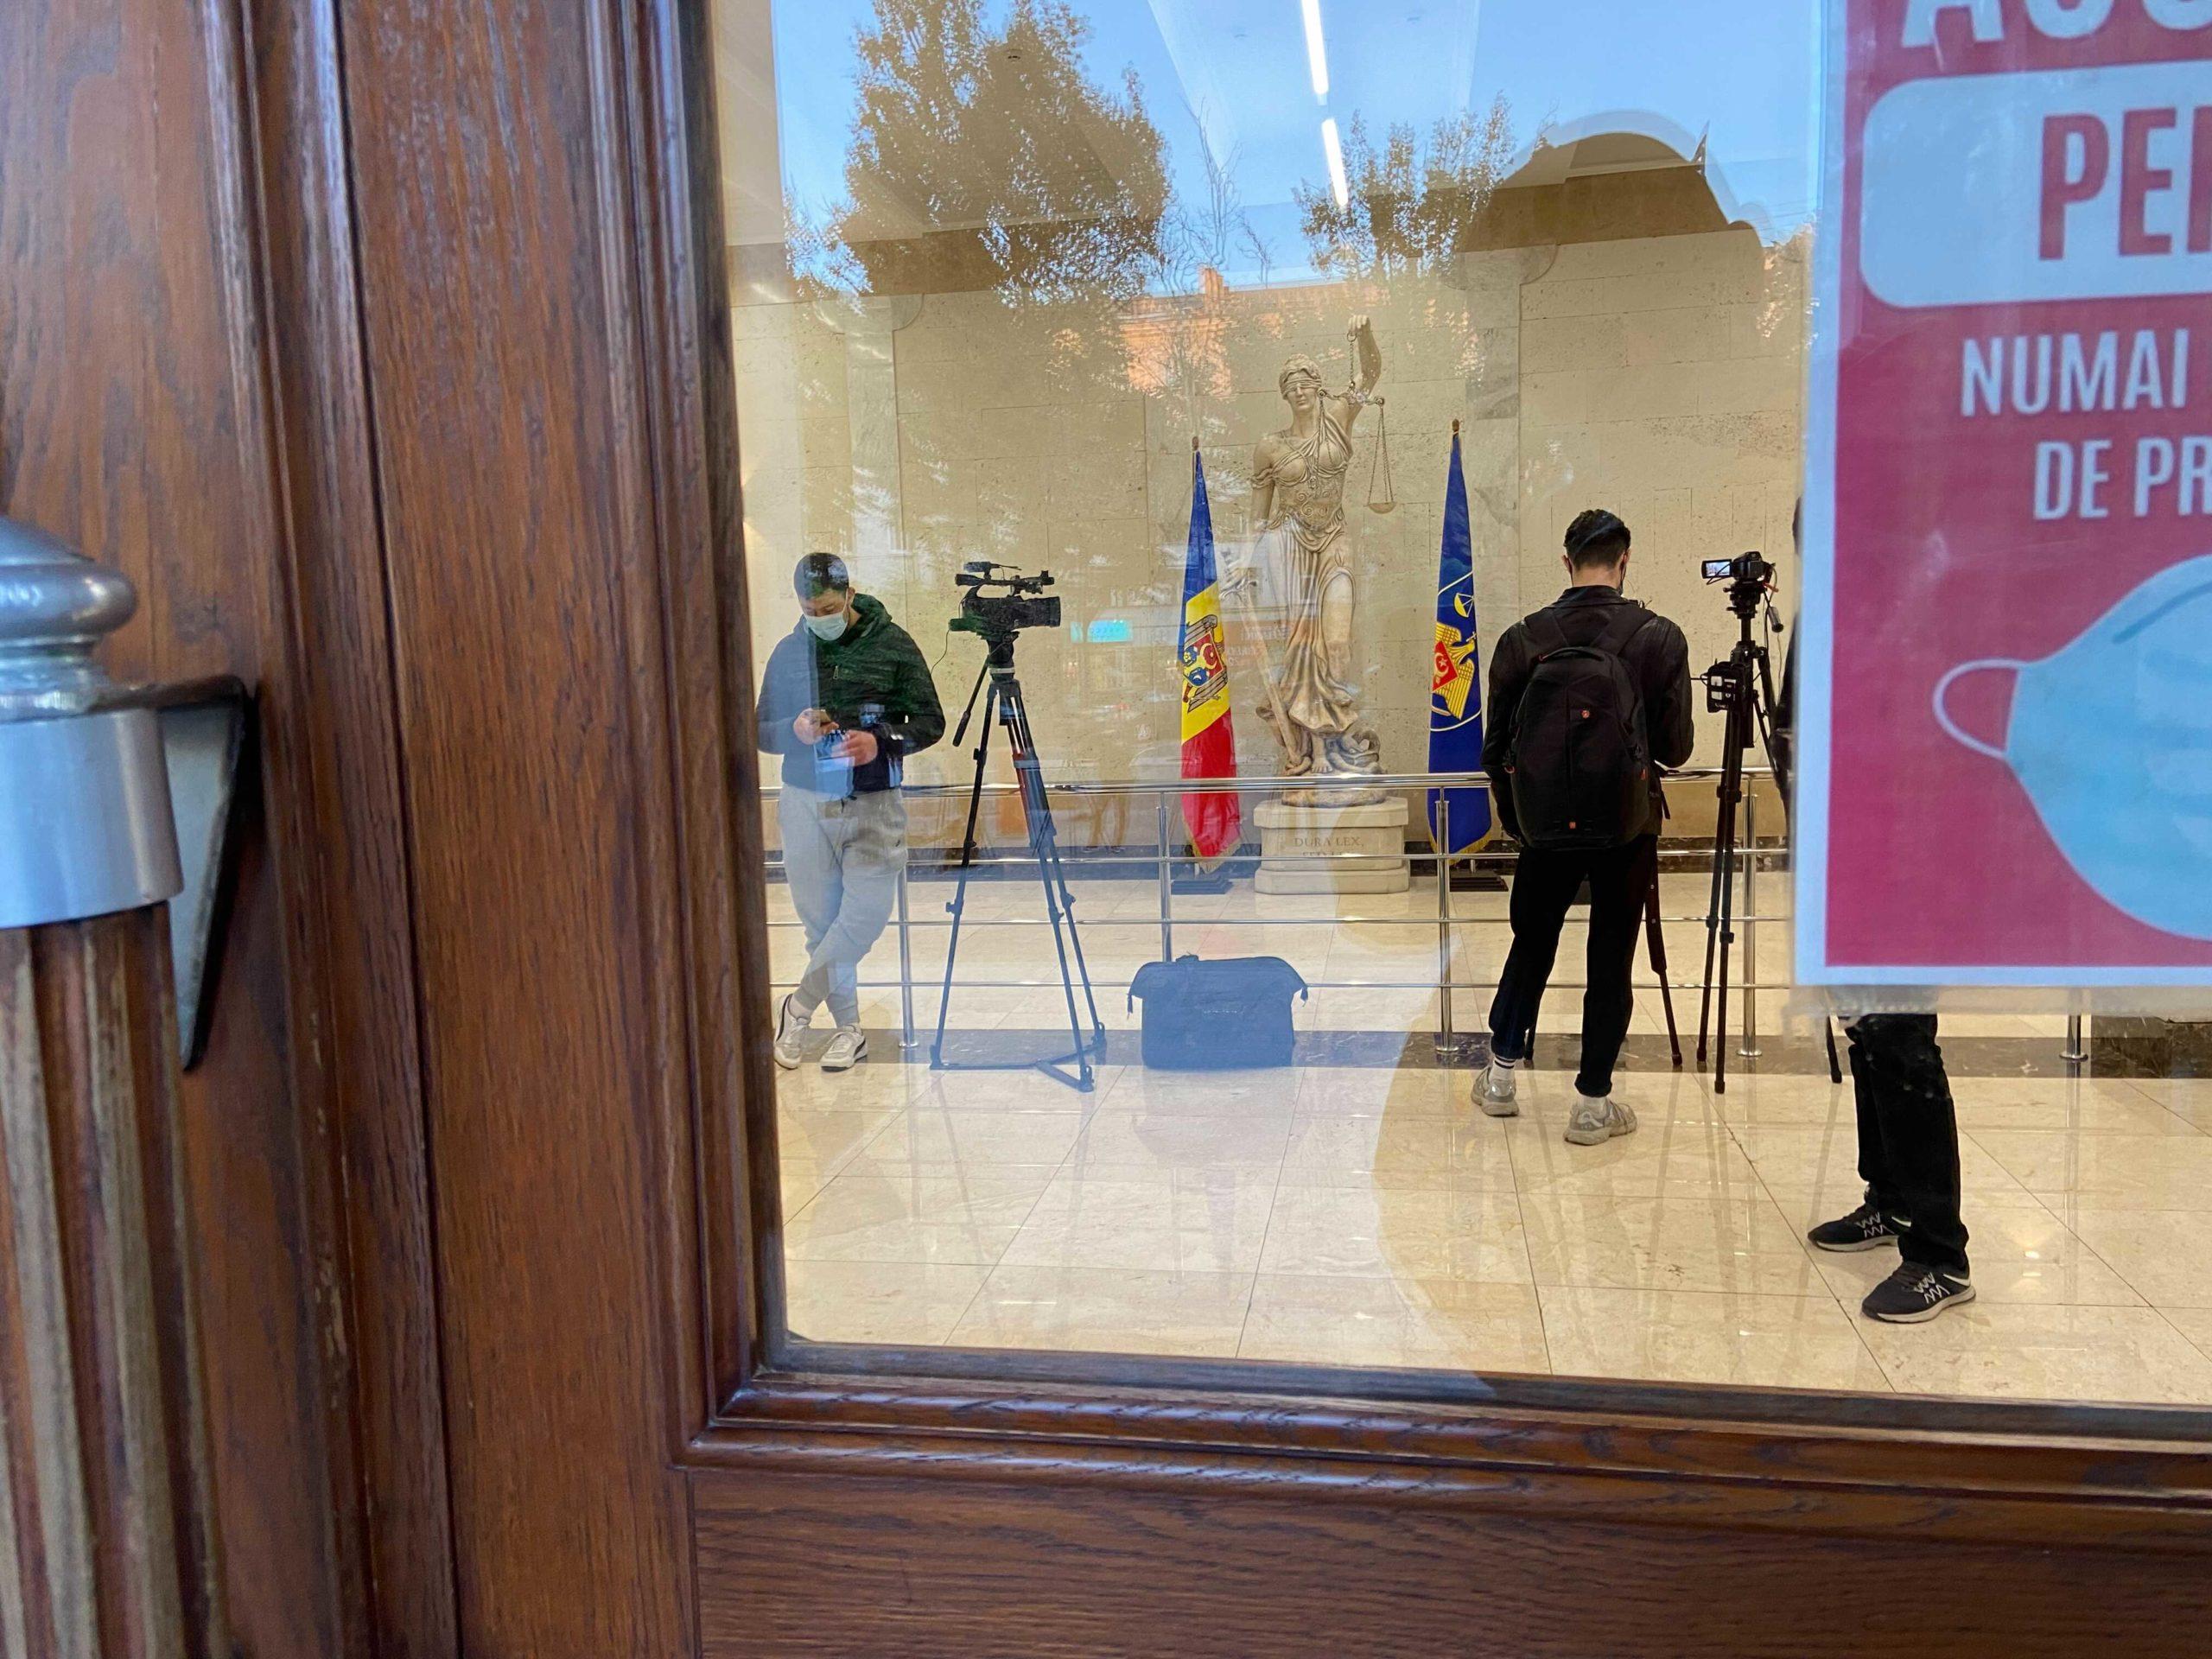 Обыск вместо пресс-конференции в Генпрокуратуре. Стояногло задержали LIVE/TEXT